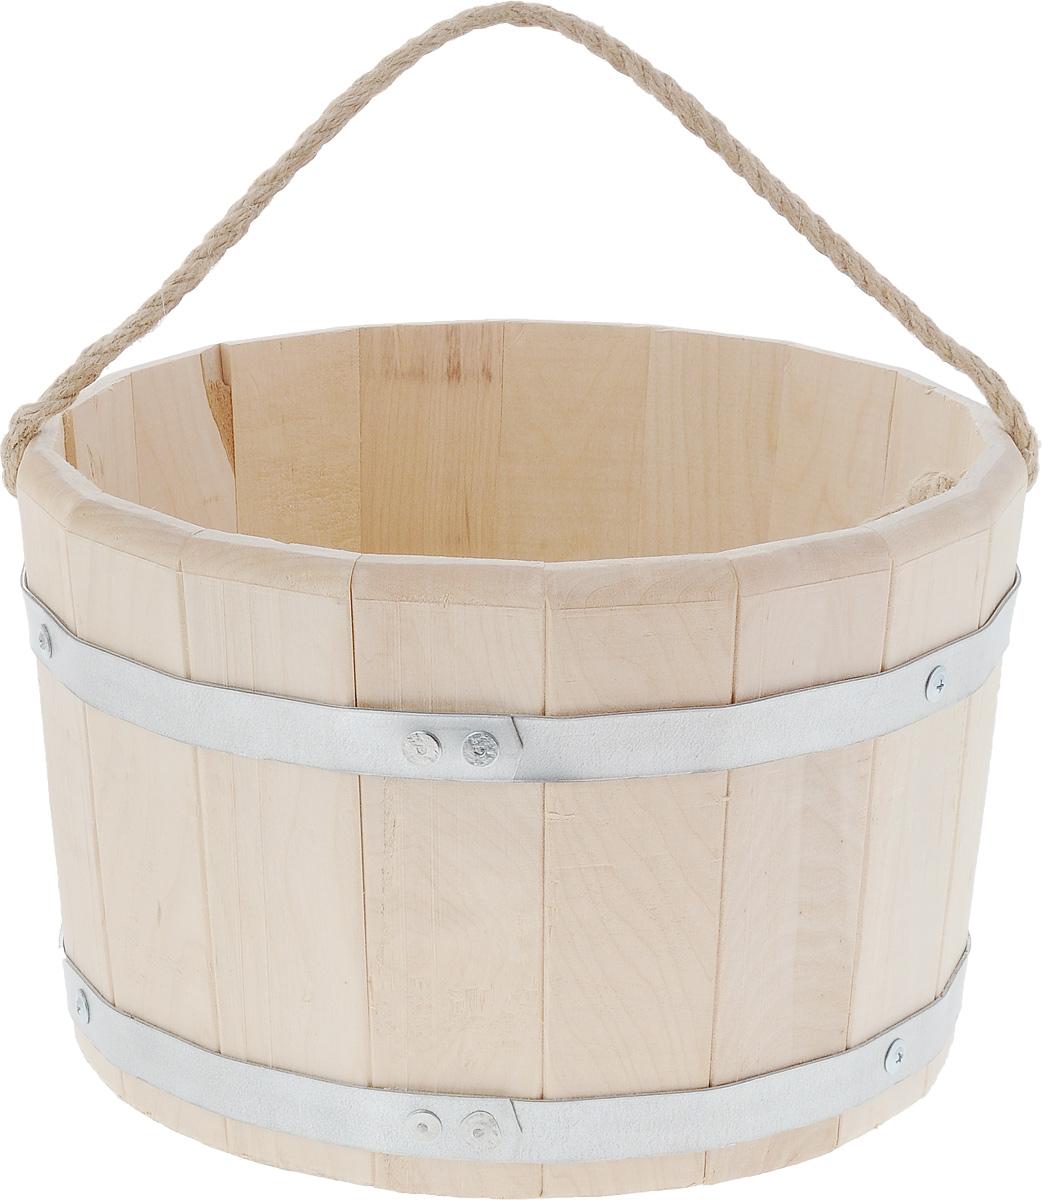 Ведро для бани и сауны Proffi Sauna, 10 лPS0012Ведро Proffi Sauna выполнено из натуральной березы с двумя металлическими обручами и оснащено ручкой из джута. Такое ведро является просто незаменимым банным атрибутом. Эксплуатация бондарных изделий. Перед первым использованием бондарное изделие рекомендуется подготовить. Для этого нужно наполнить изделие холодной водой и оставить наполненным на 2-3 часа. Затем необходимо воду слить, обдать изделие сначала горячей, потом холодной водой. Не рекомендуется оставлять бондарные изделия около нагревательных приборов, а также под длительным воздействием прямых солнечных лучей. С момента начала использования бондарного изделия не рекомендуется оставлять его без воды на срок более 1 недели. Но и продолжительное время хранить в таких изделиях воду тоже не следует. После каждого использования необходимо вымыть и ошпарить изделие кипятком. В качестве моющих средств желательно использовать пищевую соду либо раствор горчичного порошка. Правильное обращение с...